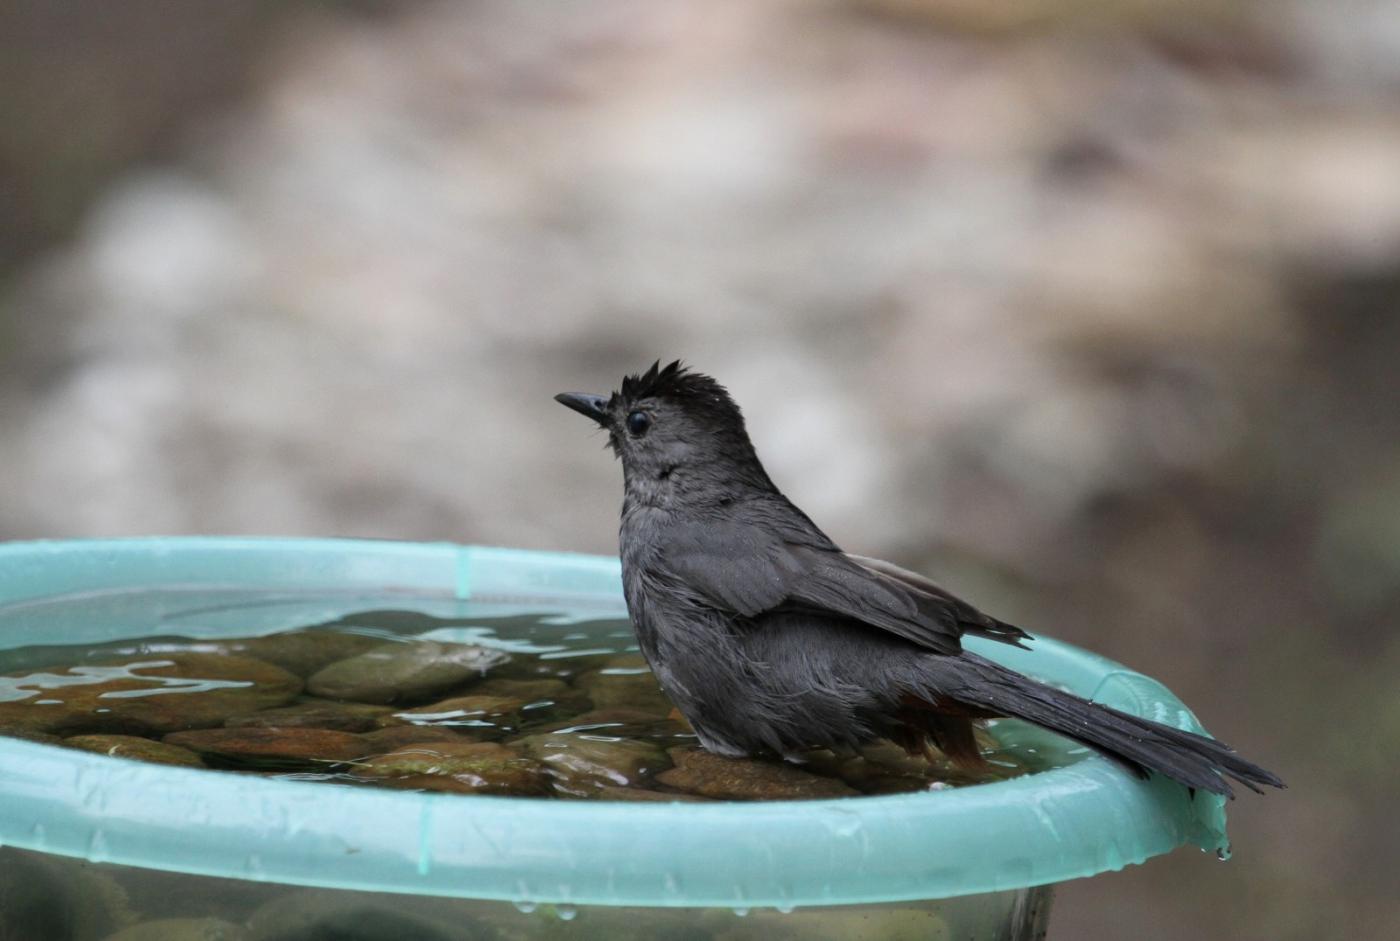 【田螺摄影】摆盆水在后院猫鸟就来淋浴了_图1-13